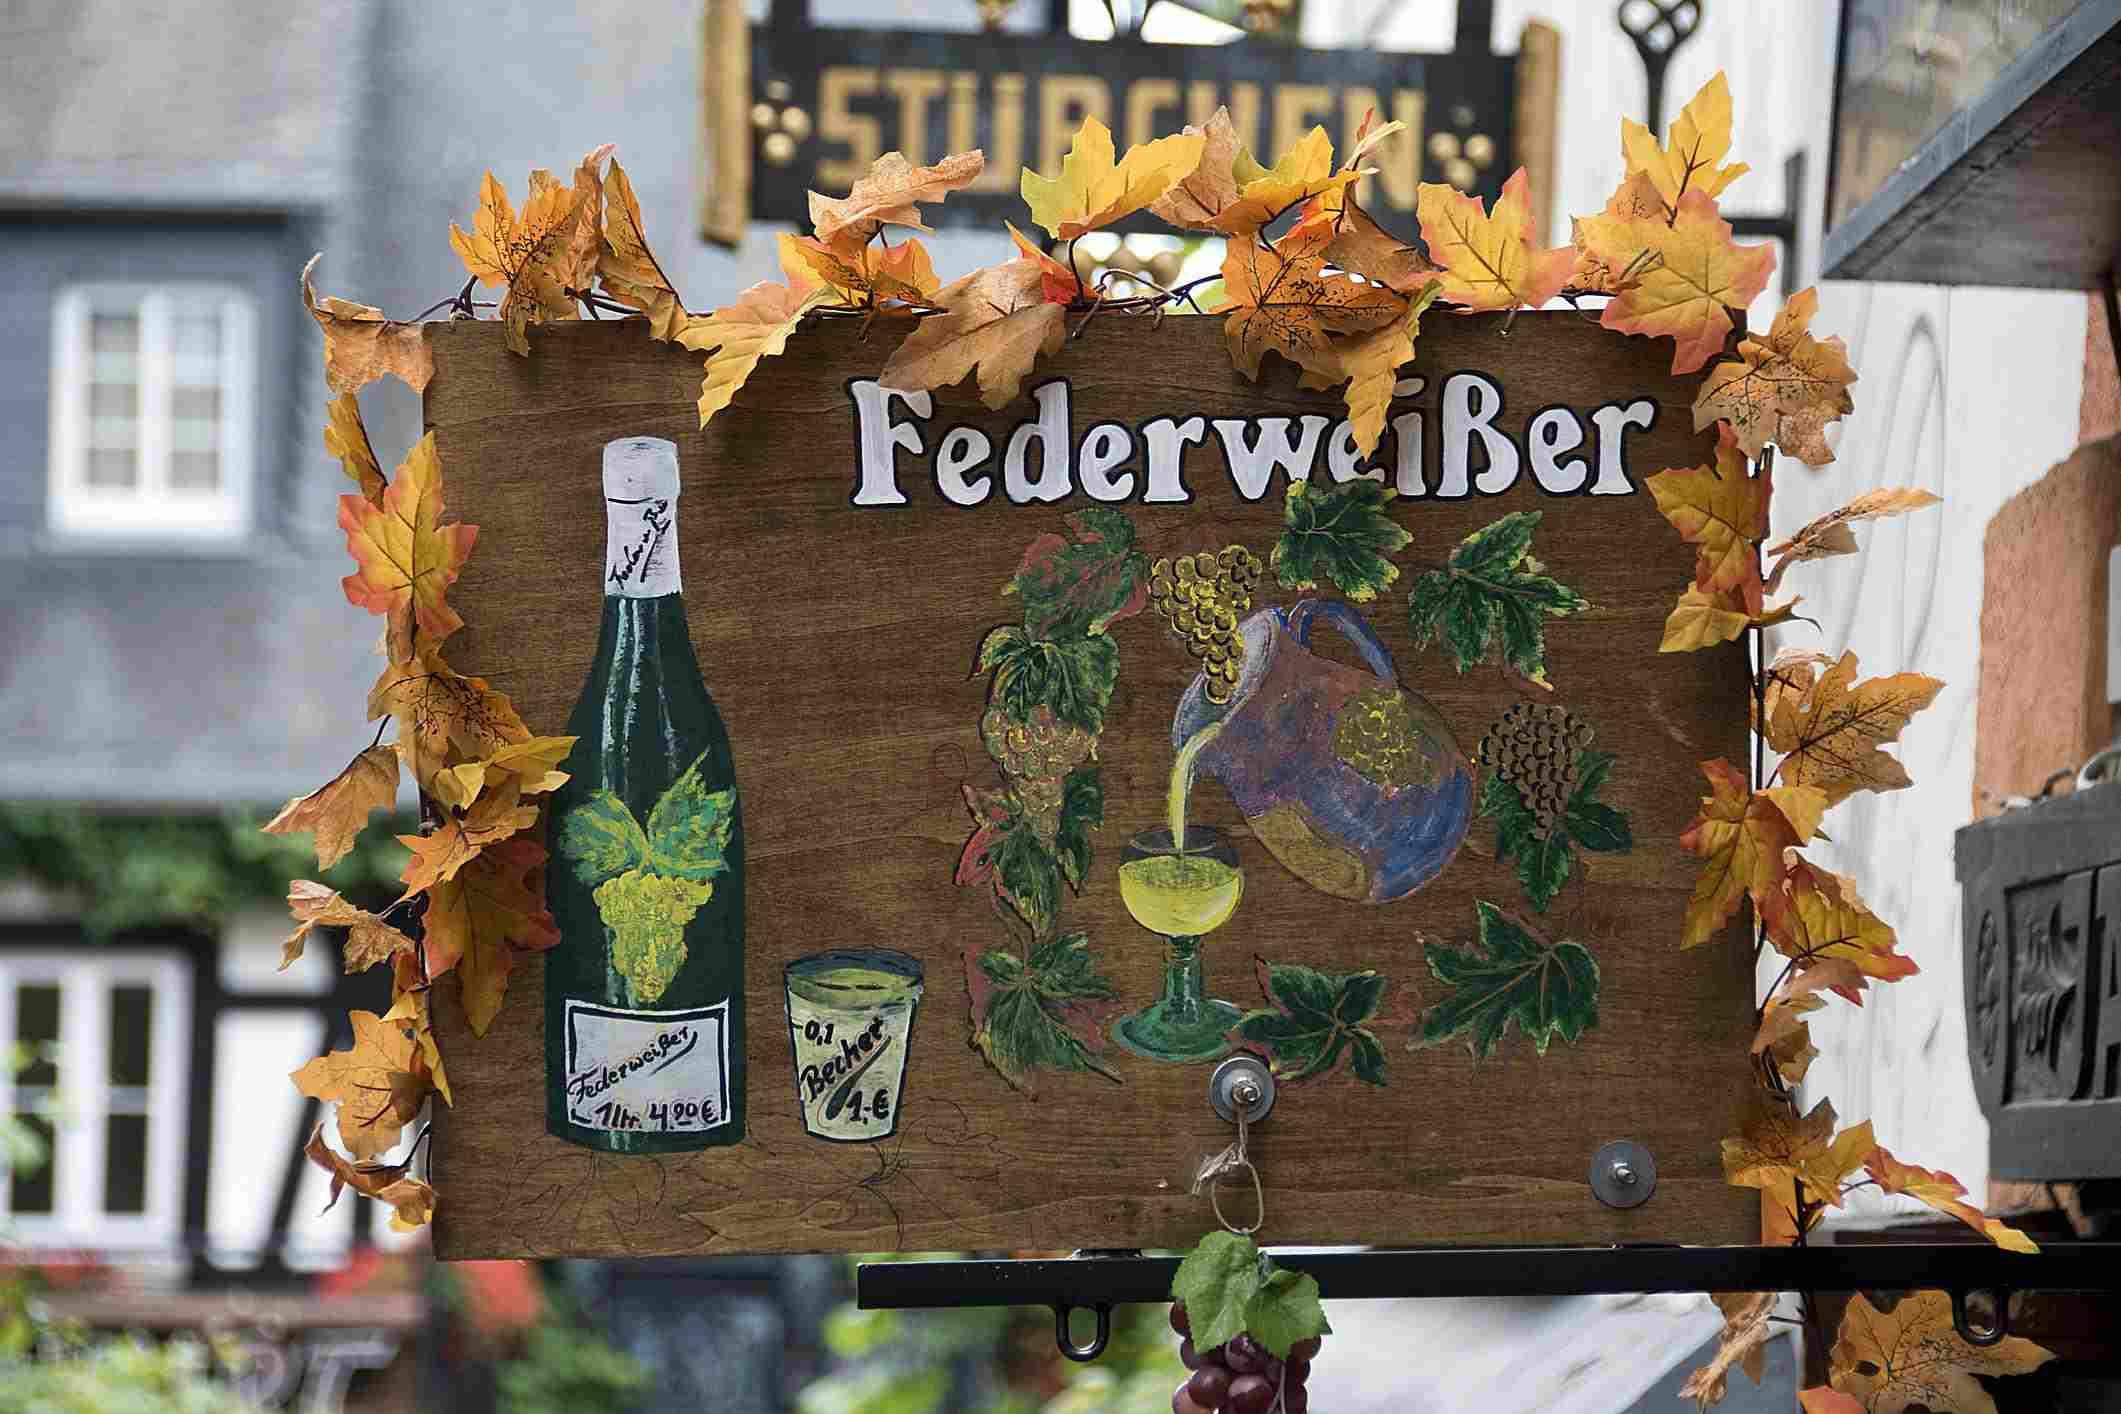 Wine shop sign written in German.